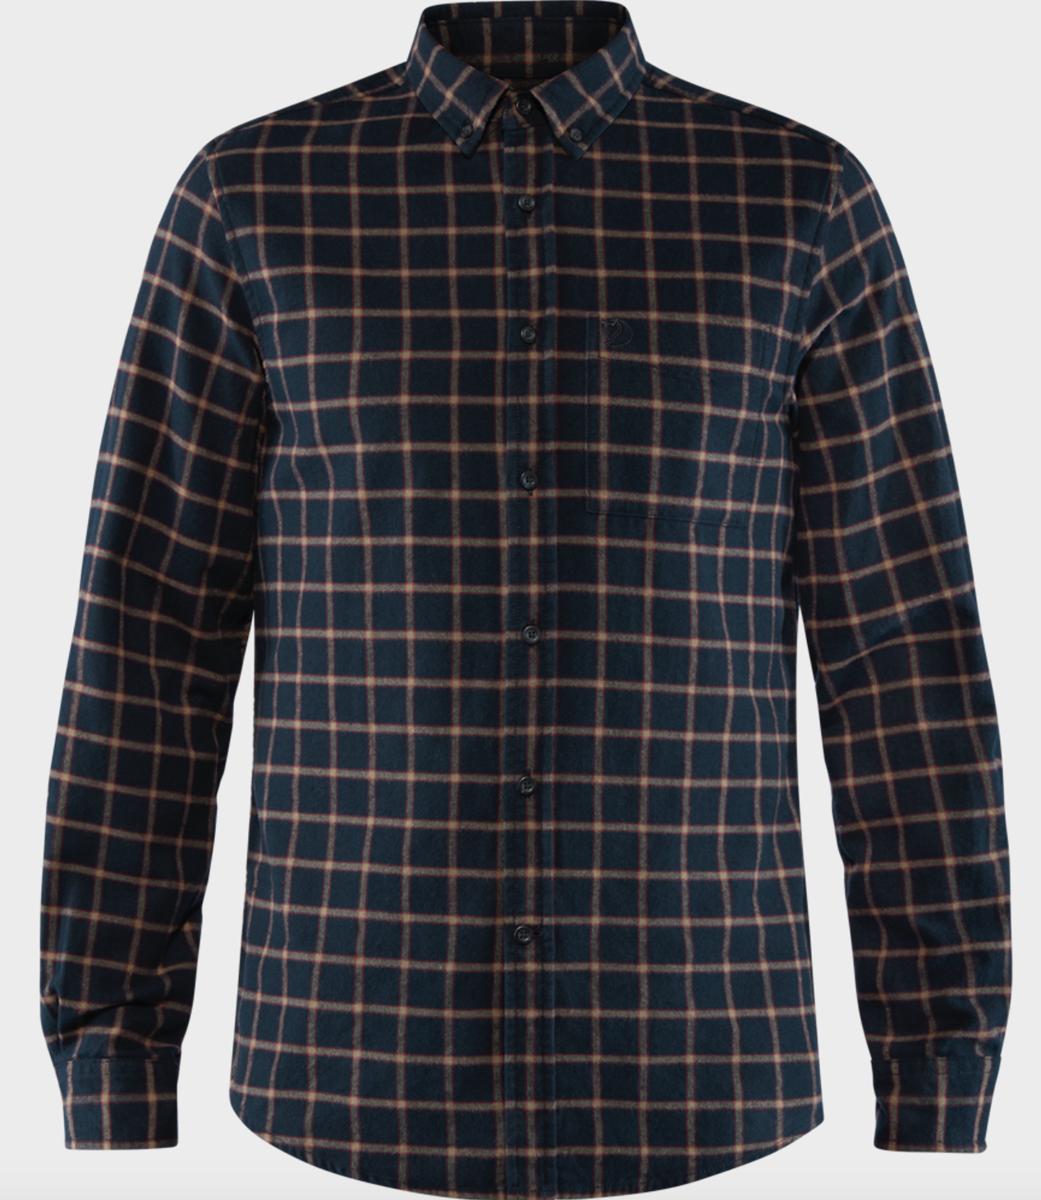 Bilde av Fjällräven  Övik Flannel Shirt M 555 Dark Navy